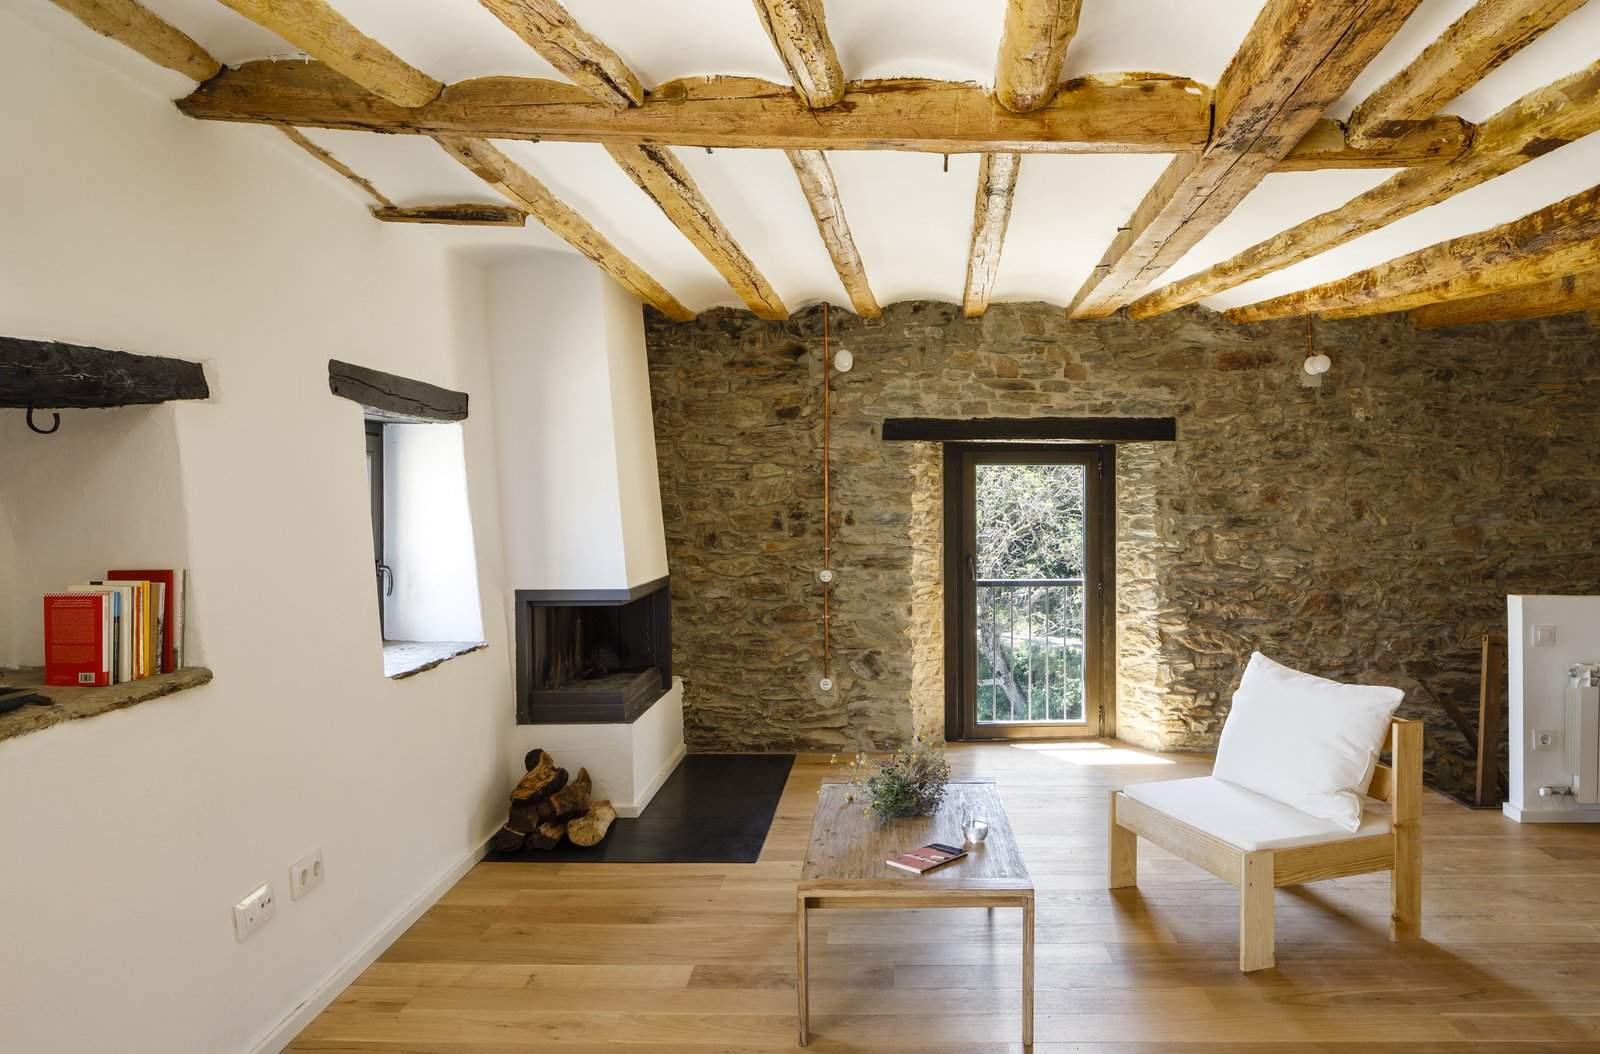 Дерев'яні меблі зроблені врчно місцевим теслею / Фото Dwell